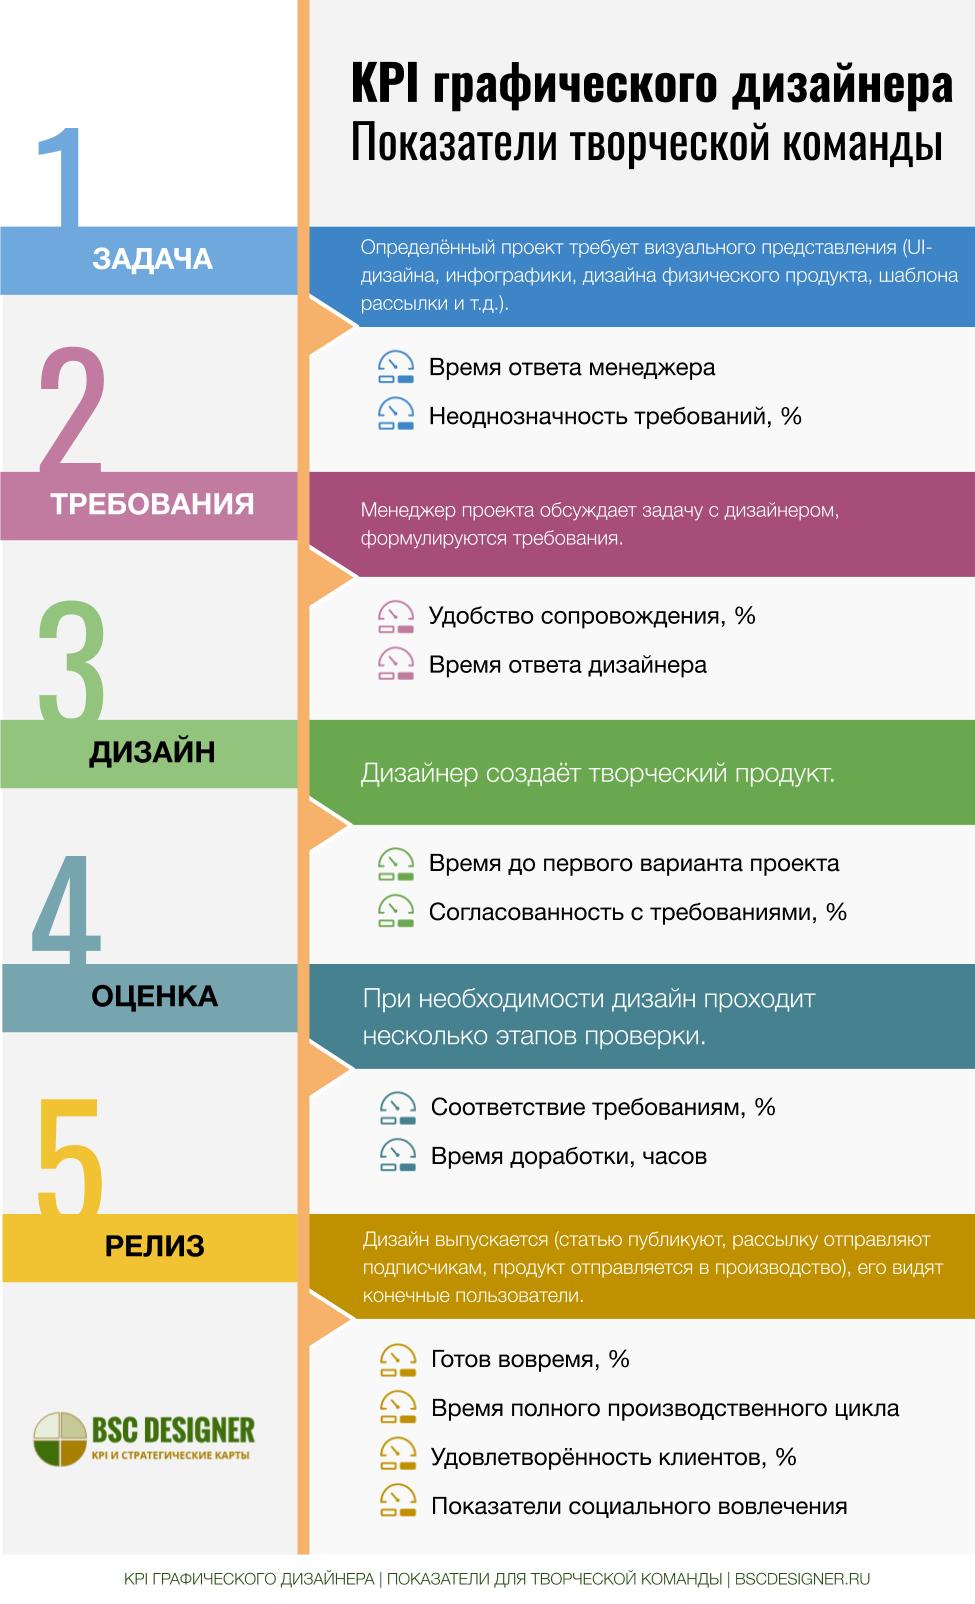 KPI графического дизайнера: как измерить творческий процесс.